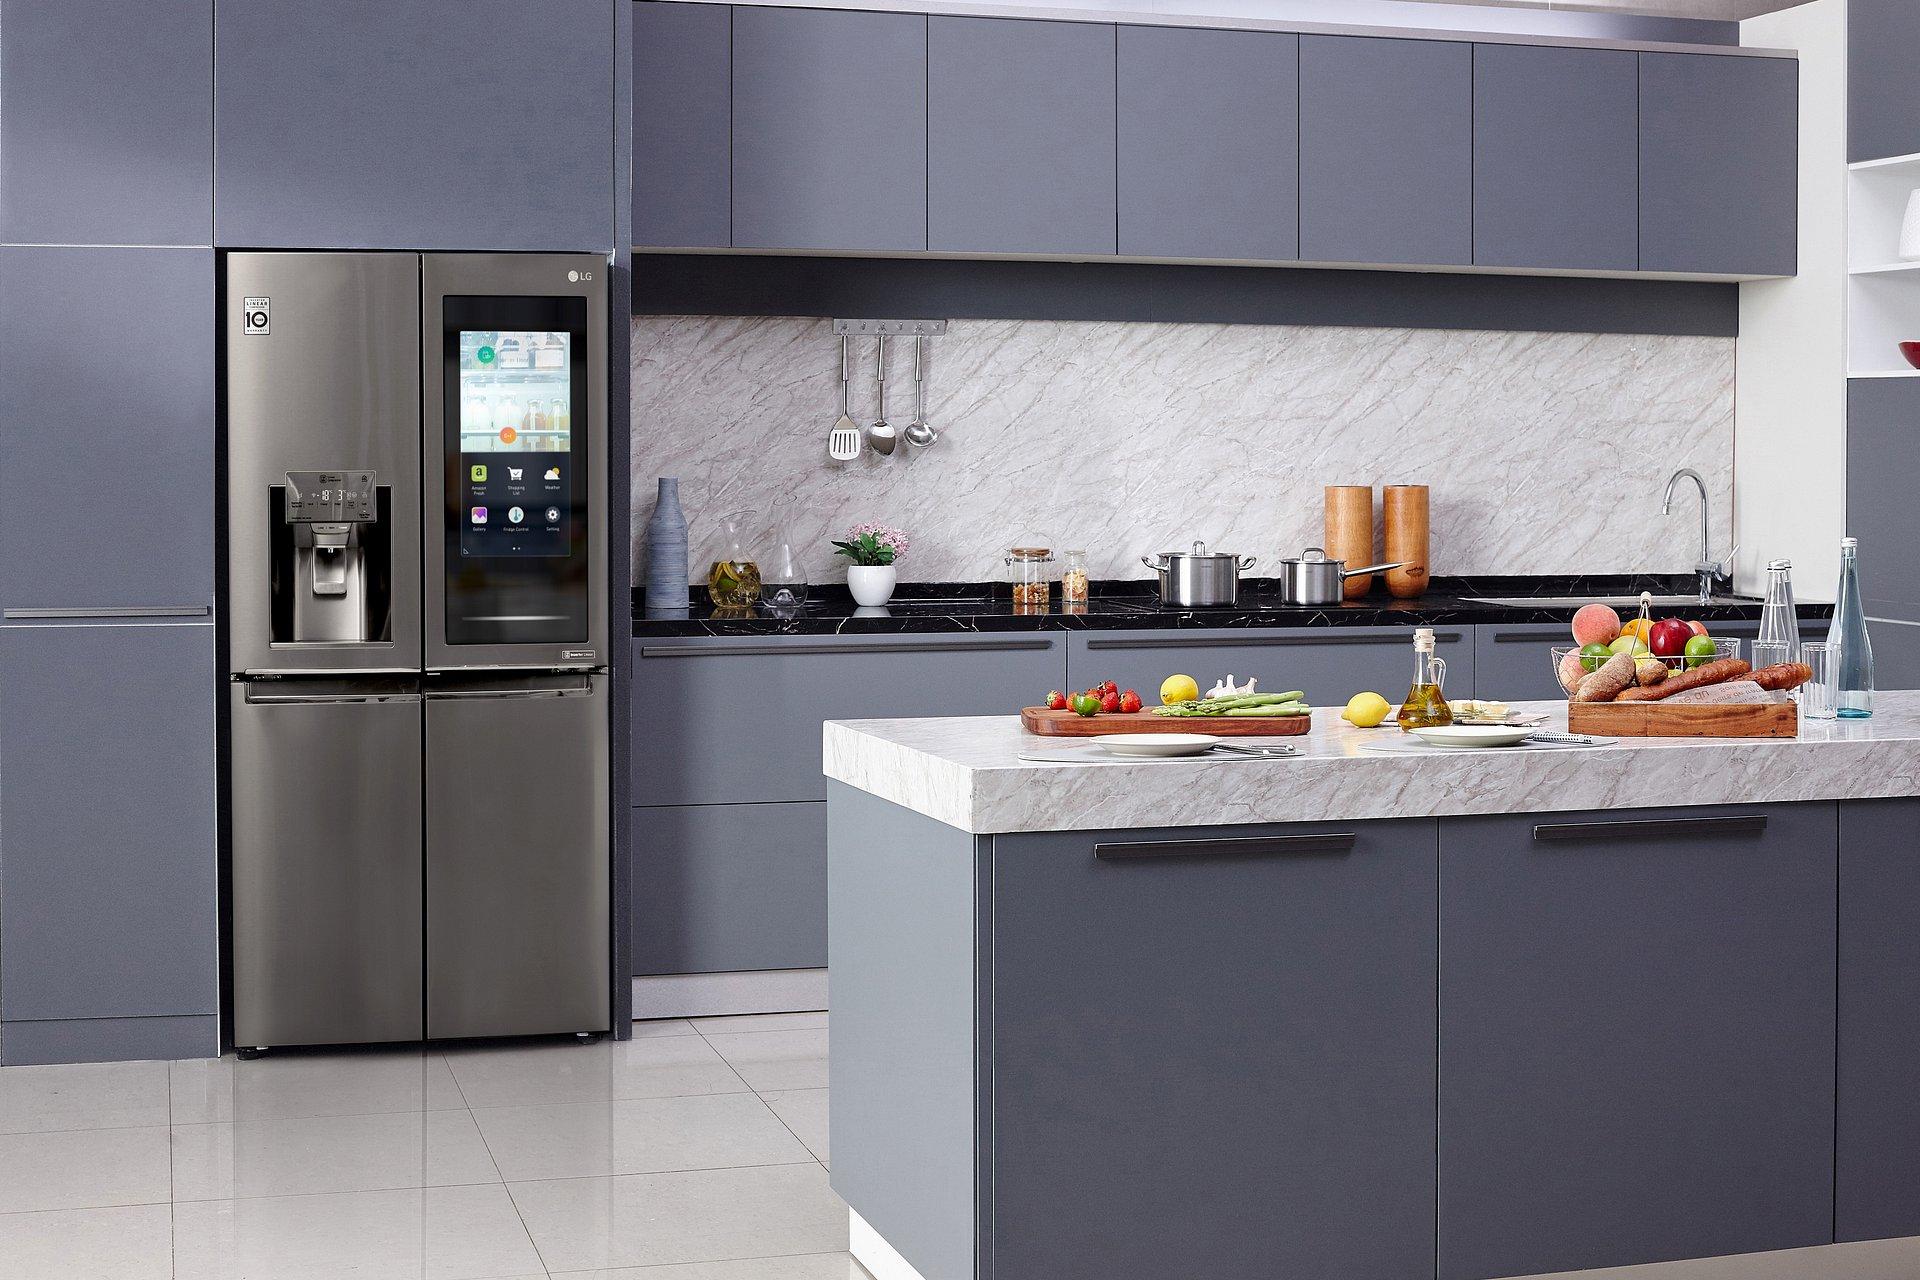 CES 2020: Prawdziwa kuchnia przyszłości od LG. Automatyczne informacje o zawartości lodówki